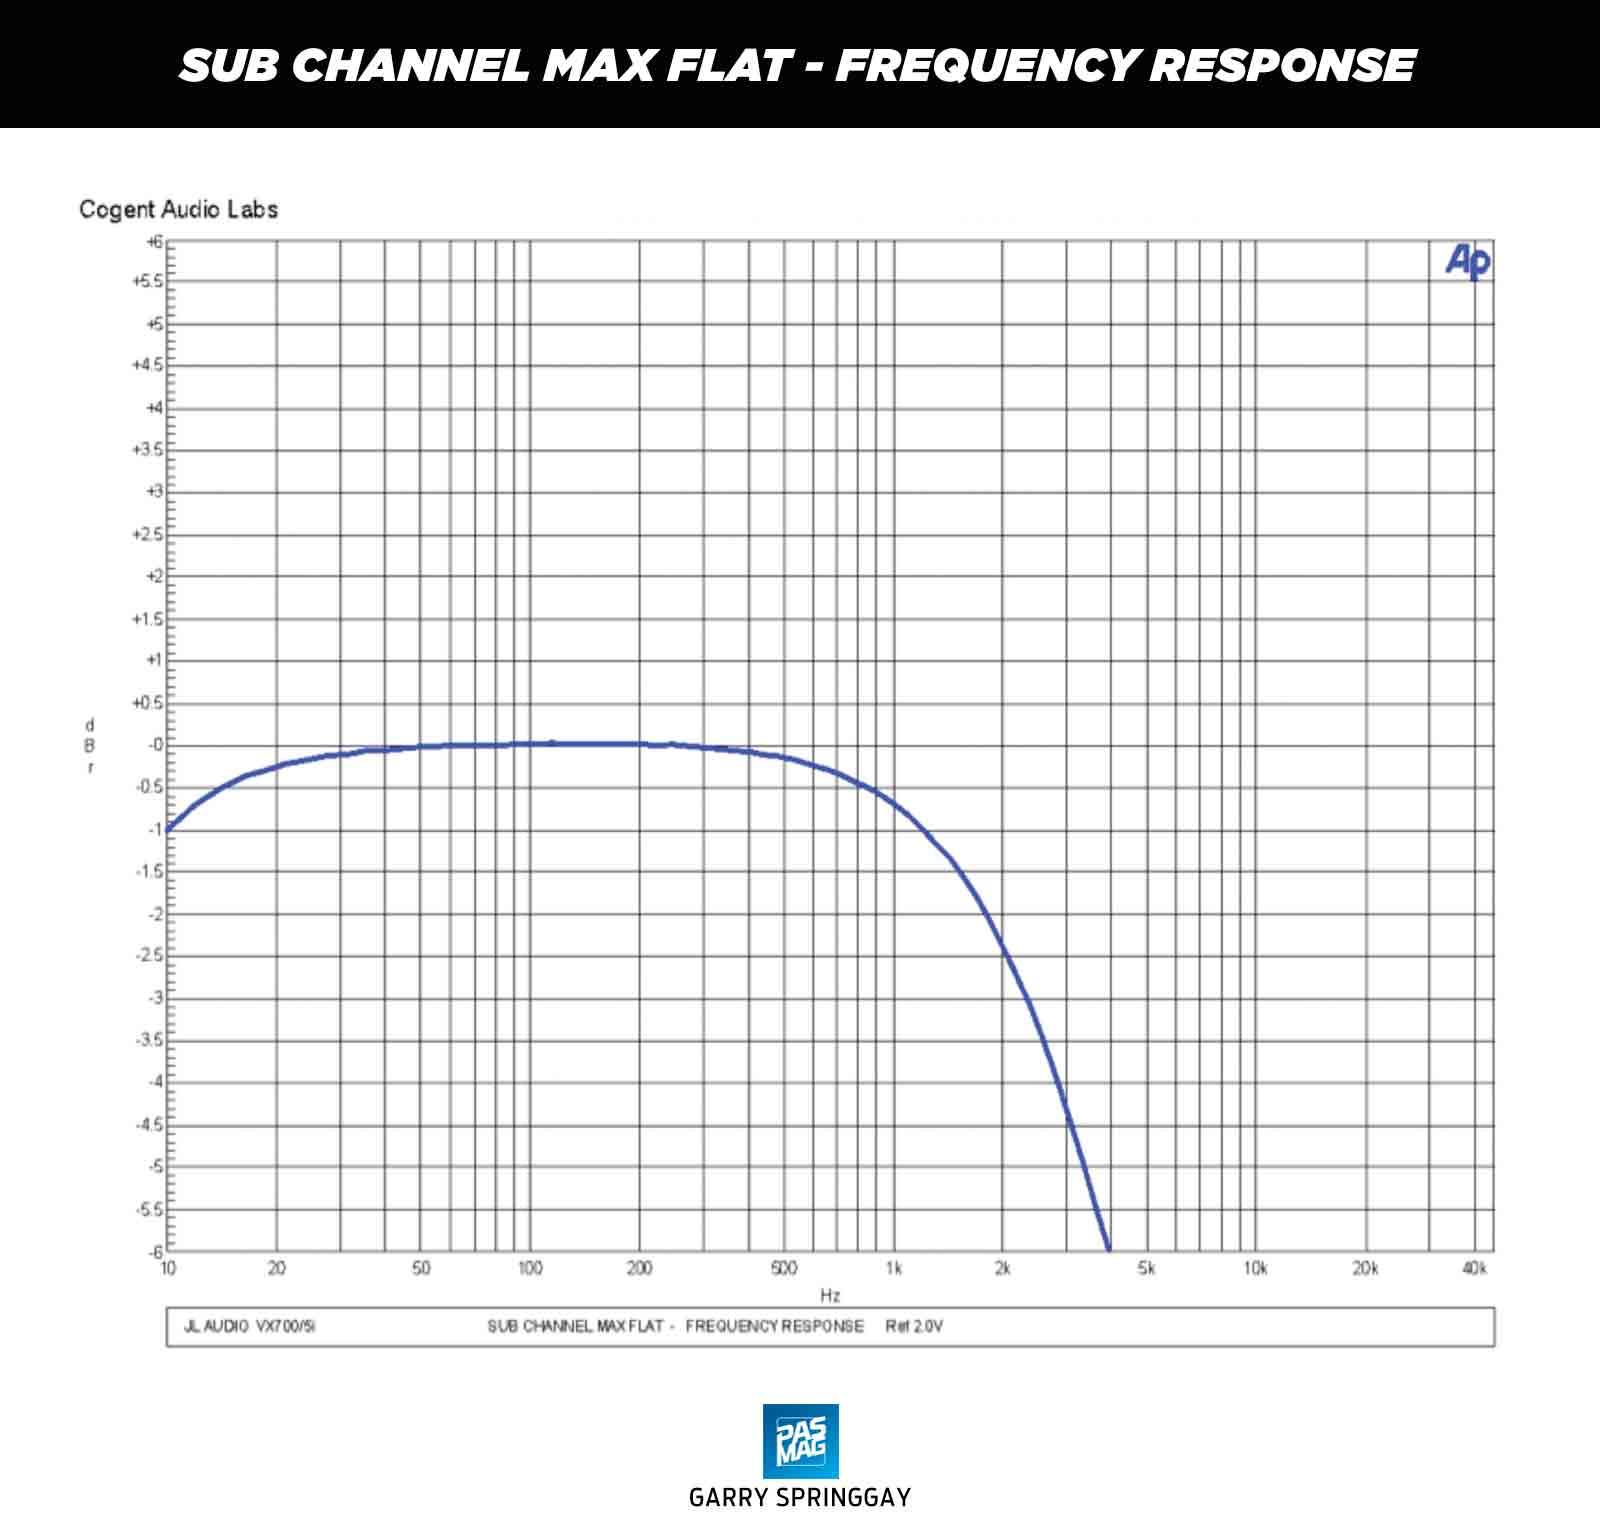 Jl Audio Vx700 5i Amplifier Review